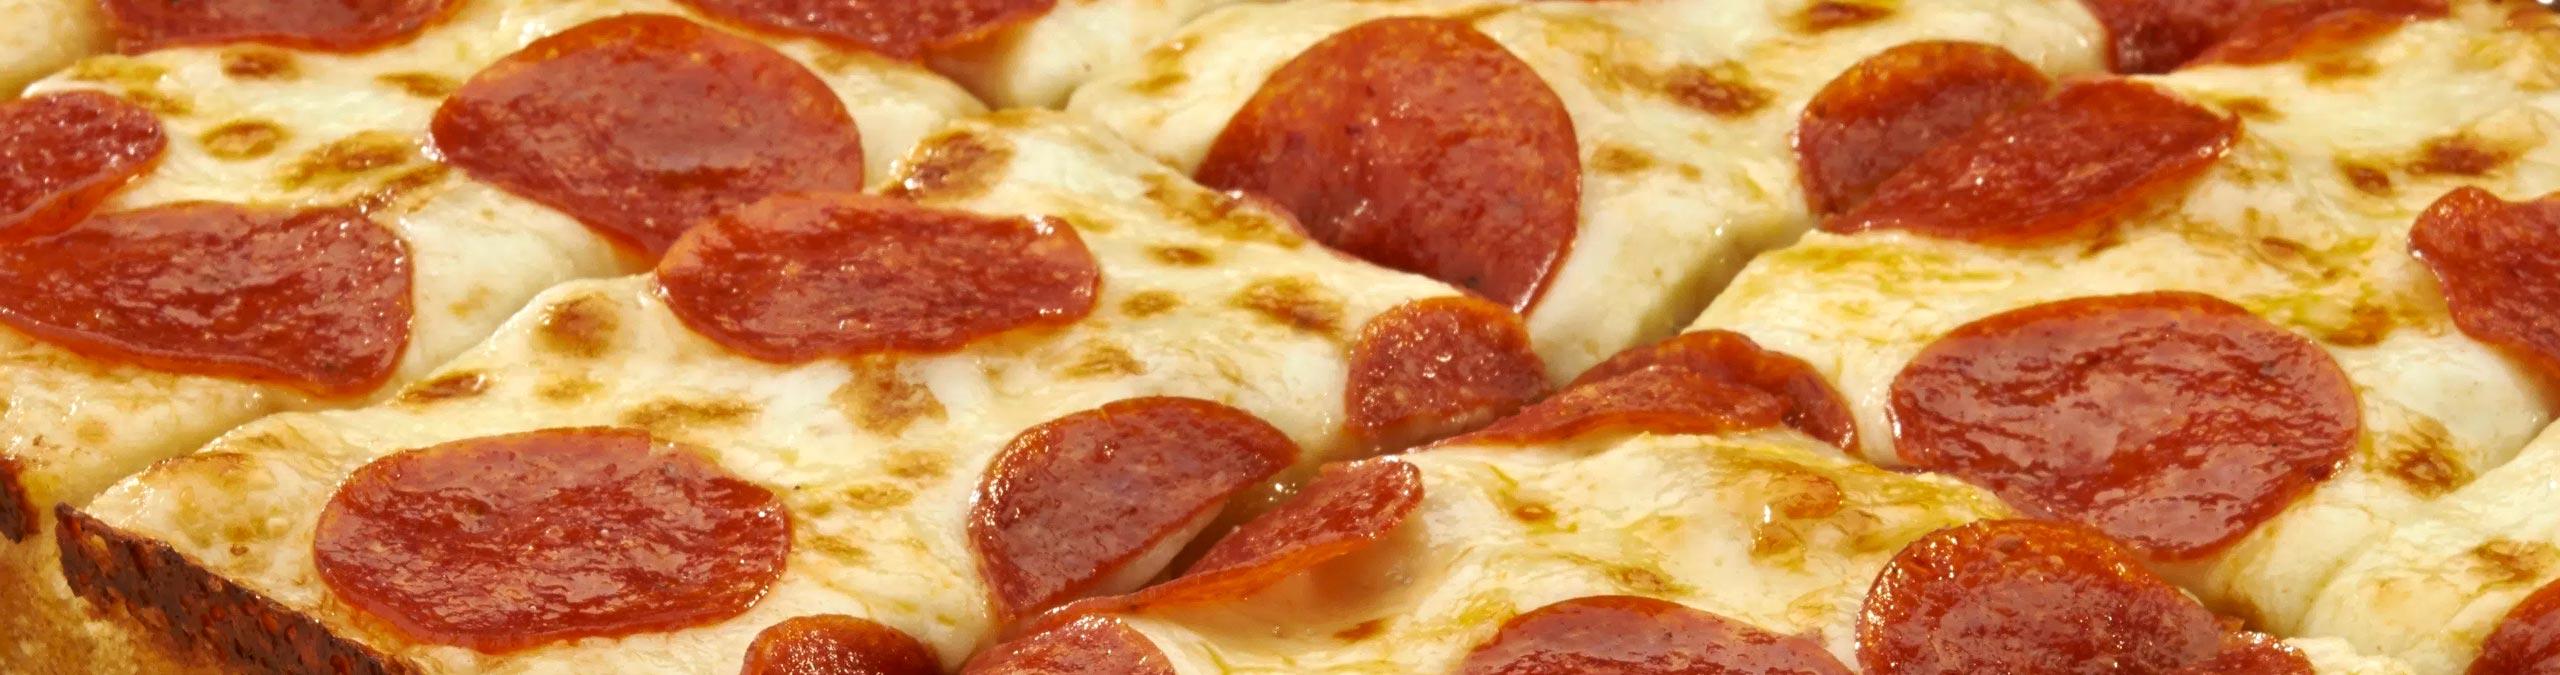 Pizza GiorgioMare - Ad ognuno la sua: scegli tra tanti gusti la tua preferita, ricca di ingredienti, pronta da infornare!